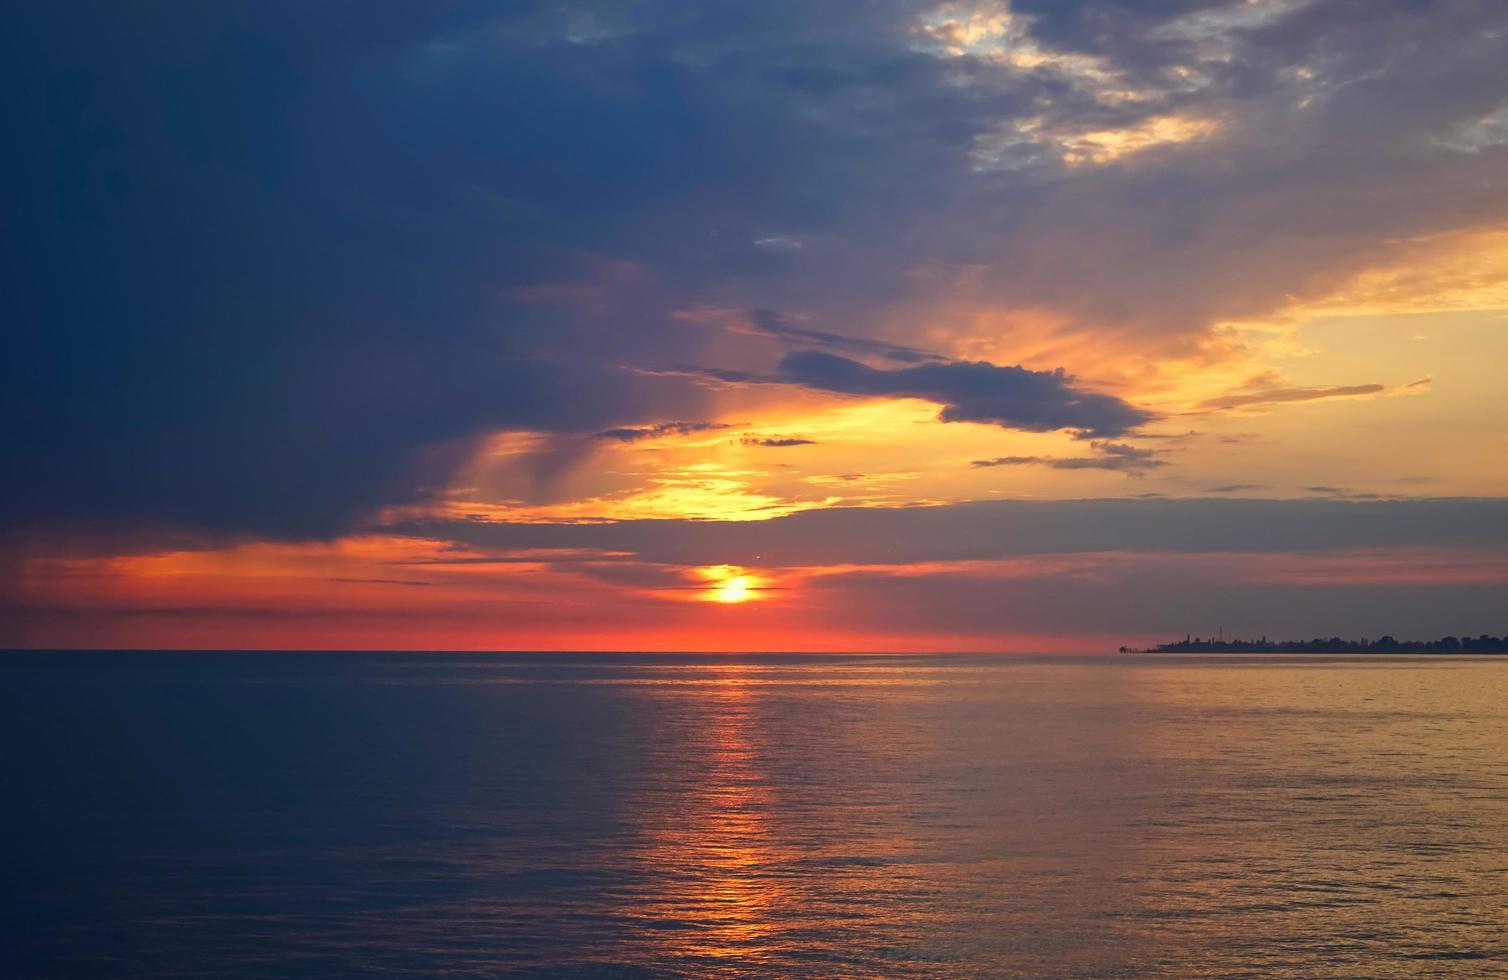 fantastisk solnedgång på havet. foto